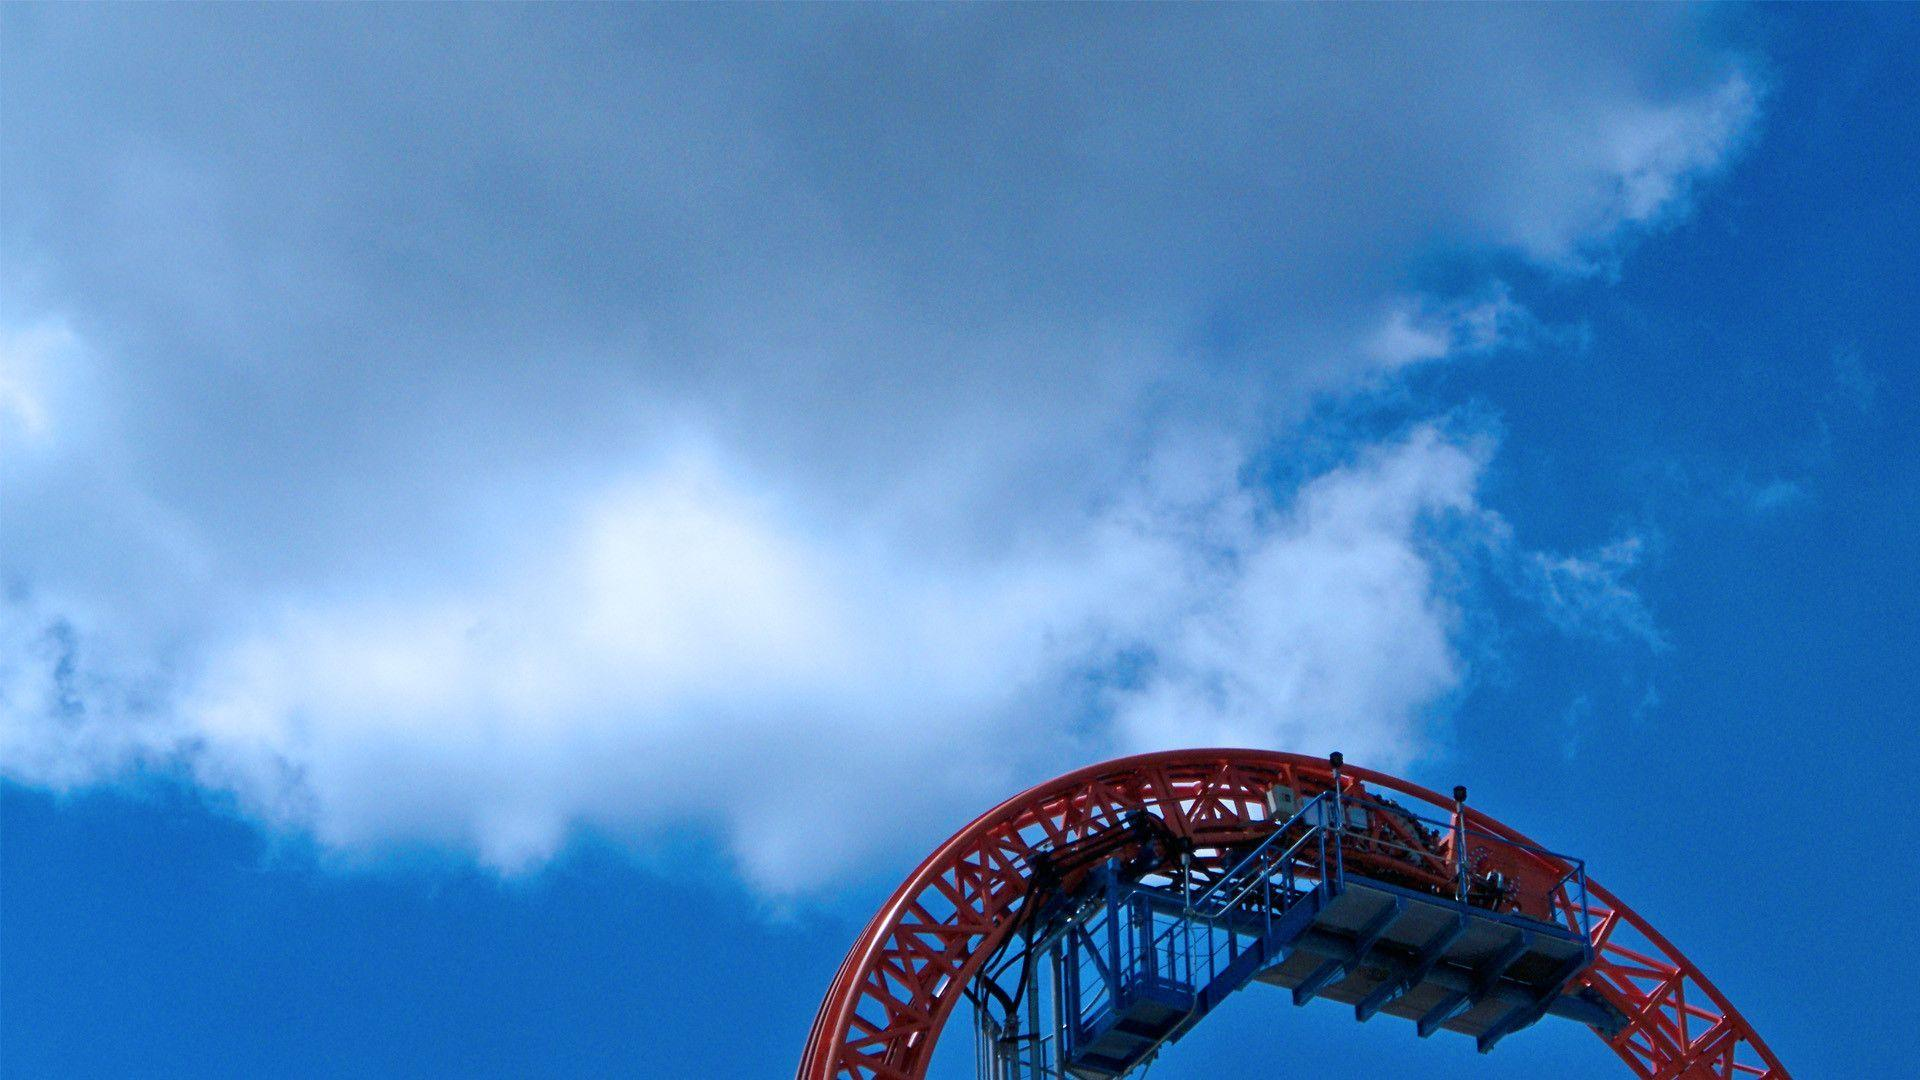 xmas roller coaster hd - photo #5